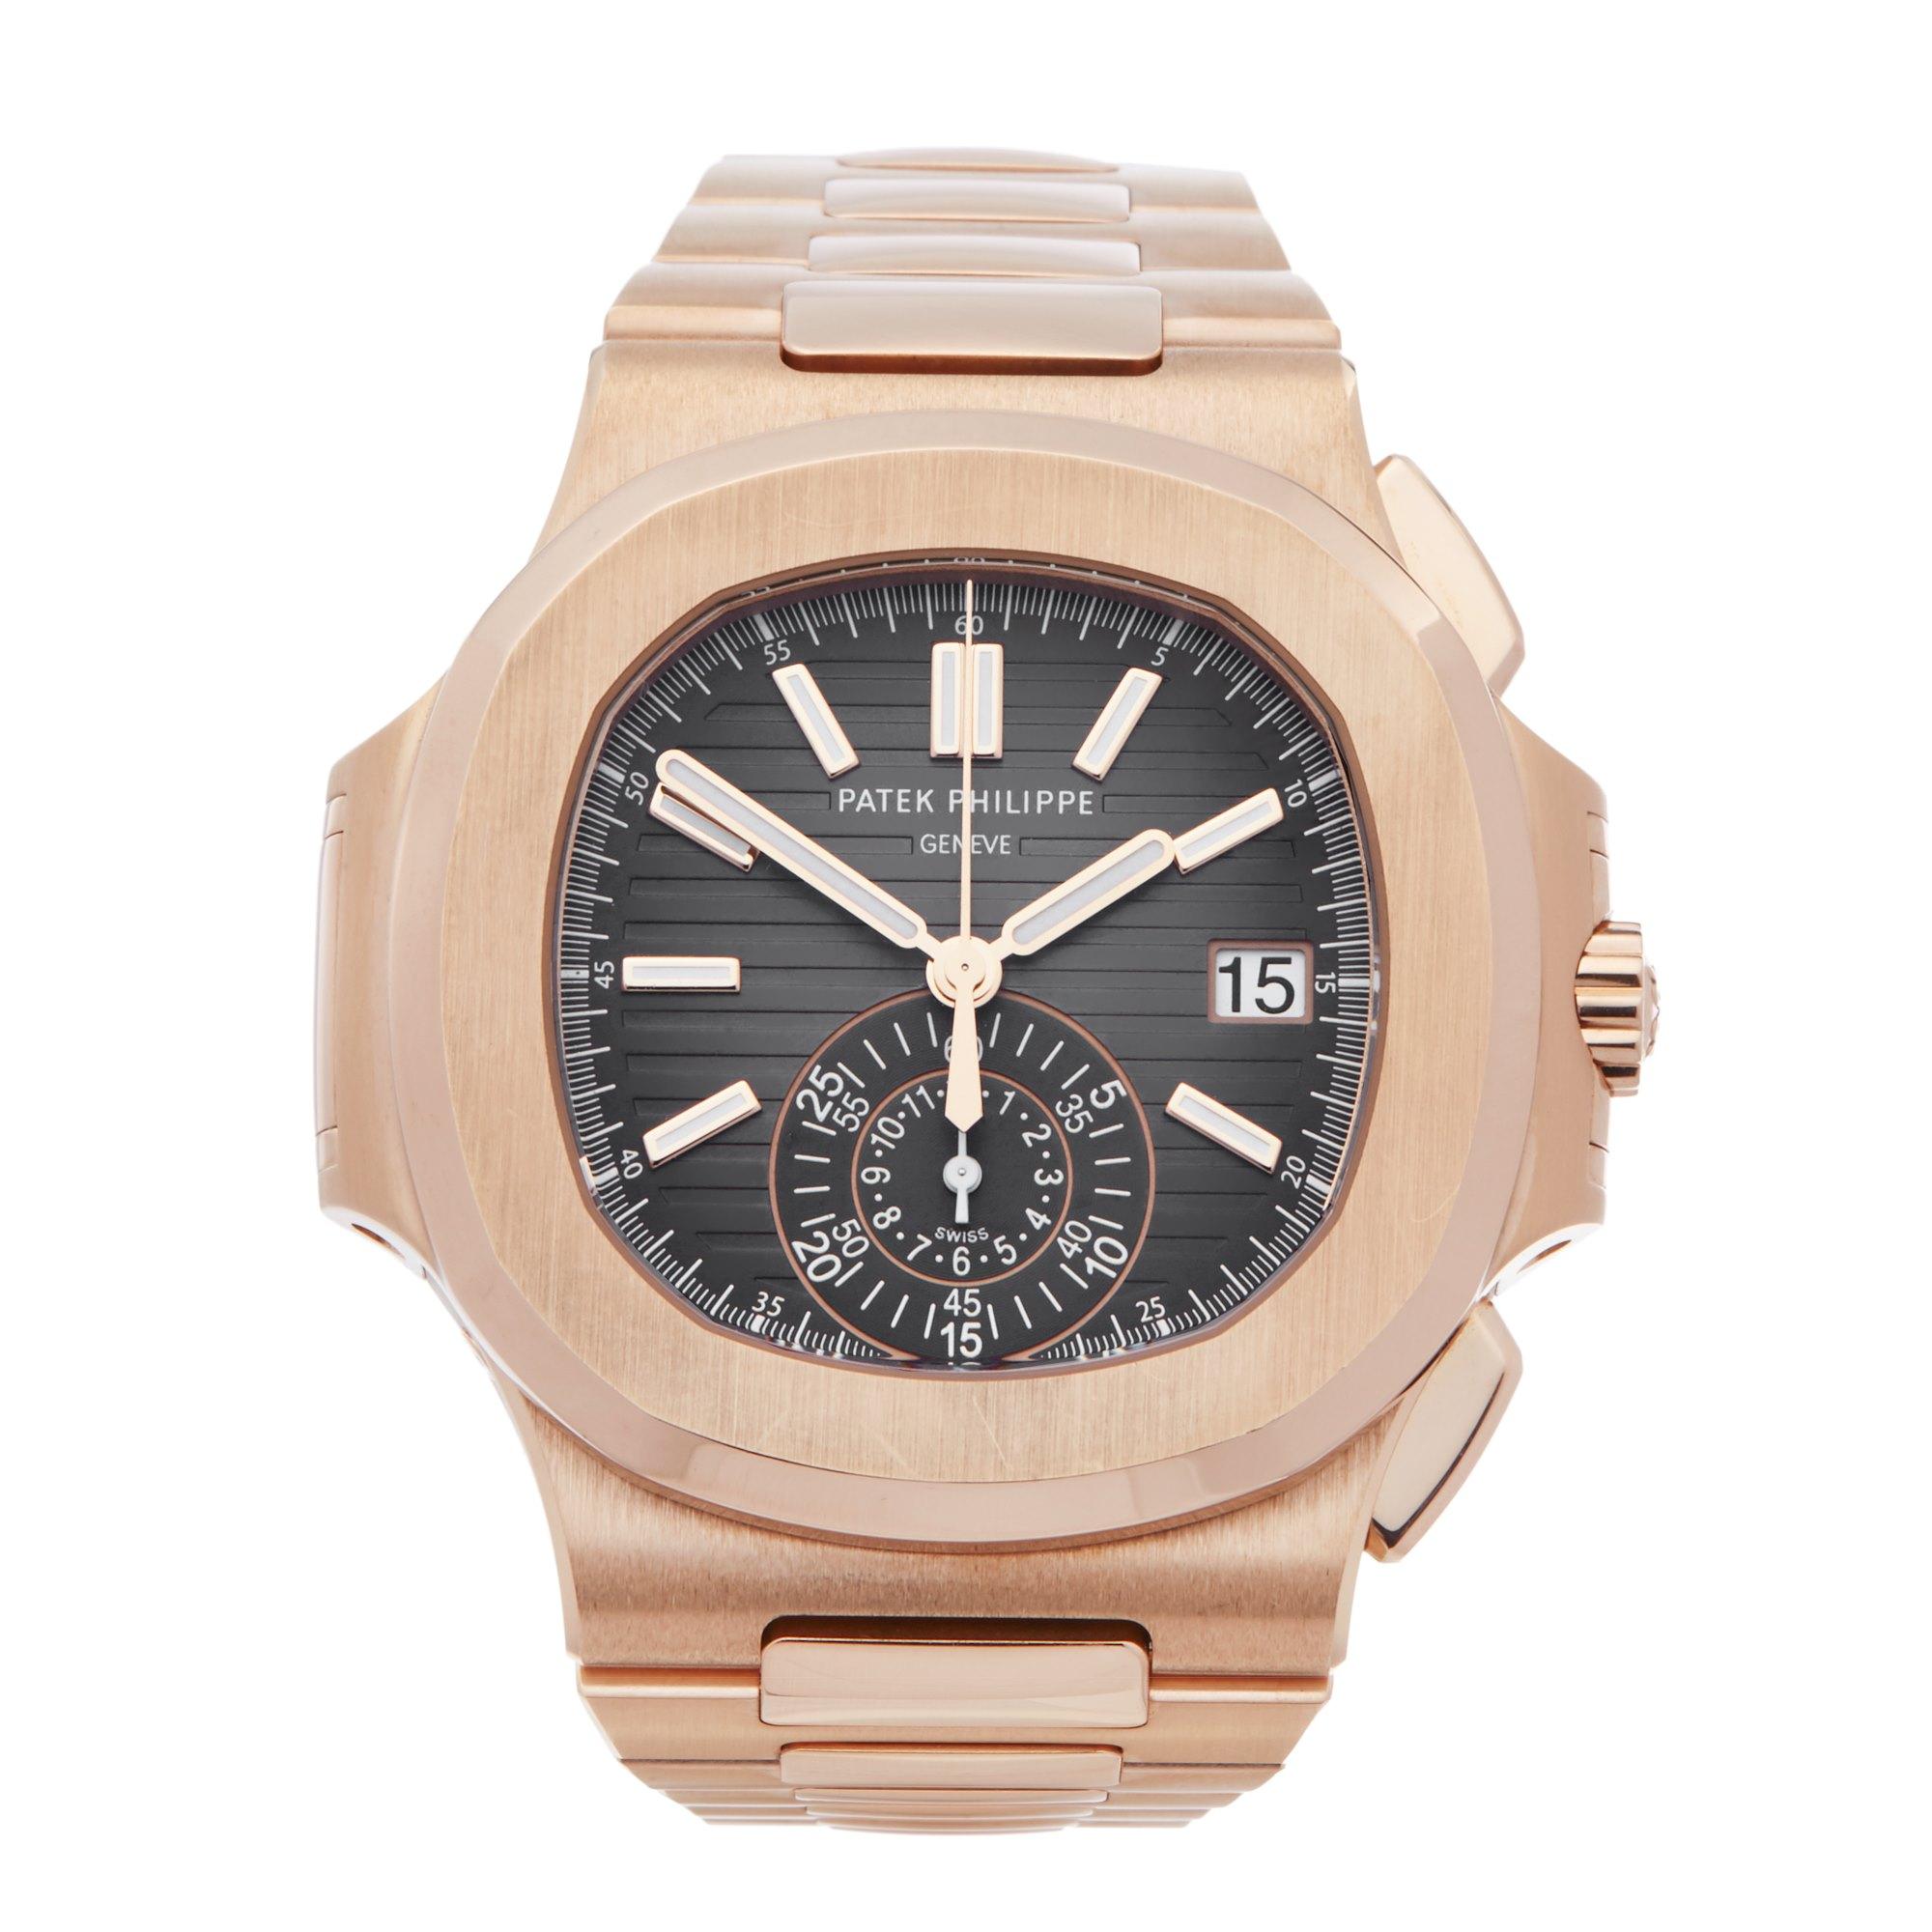 Patek Philippe Nautilus 18K Rose Gold 5980R/1R-001